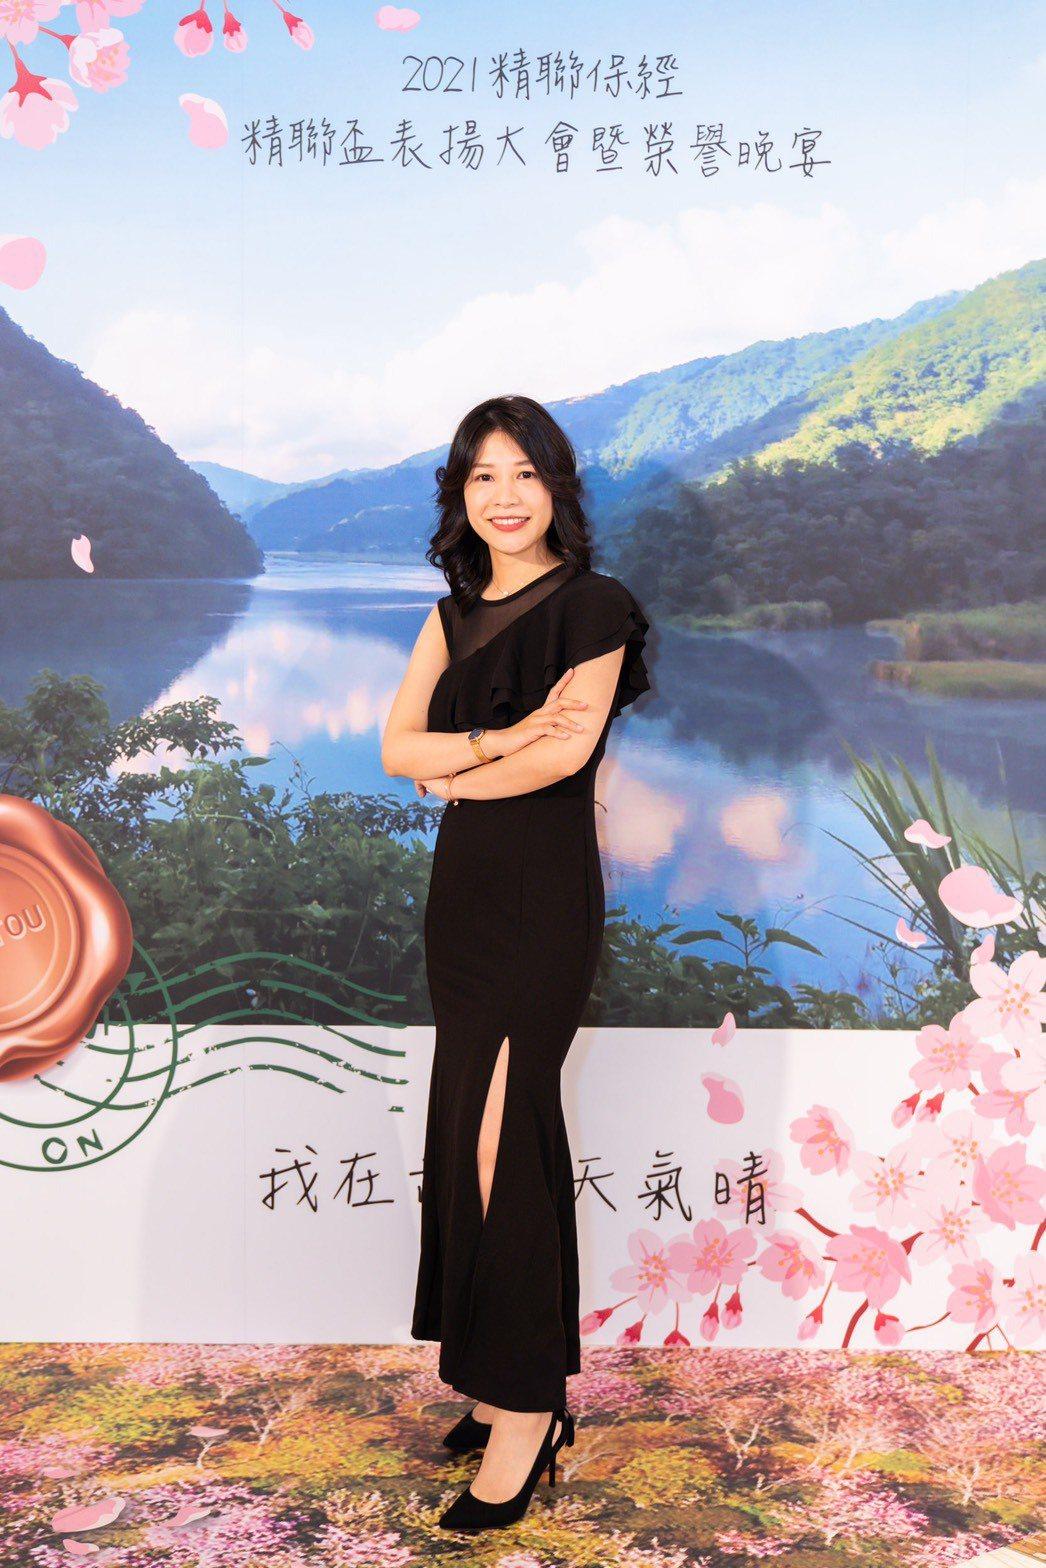 精聯保經台揚管理處經理蔣婉婷榮獲高峰盃會長獎。 精聯保經/提供